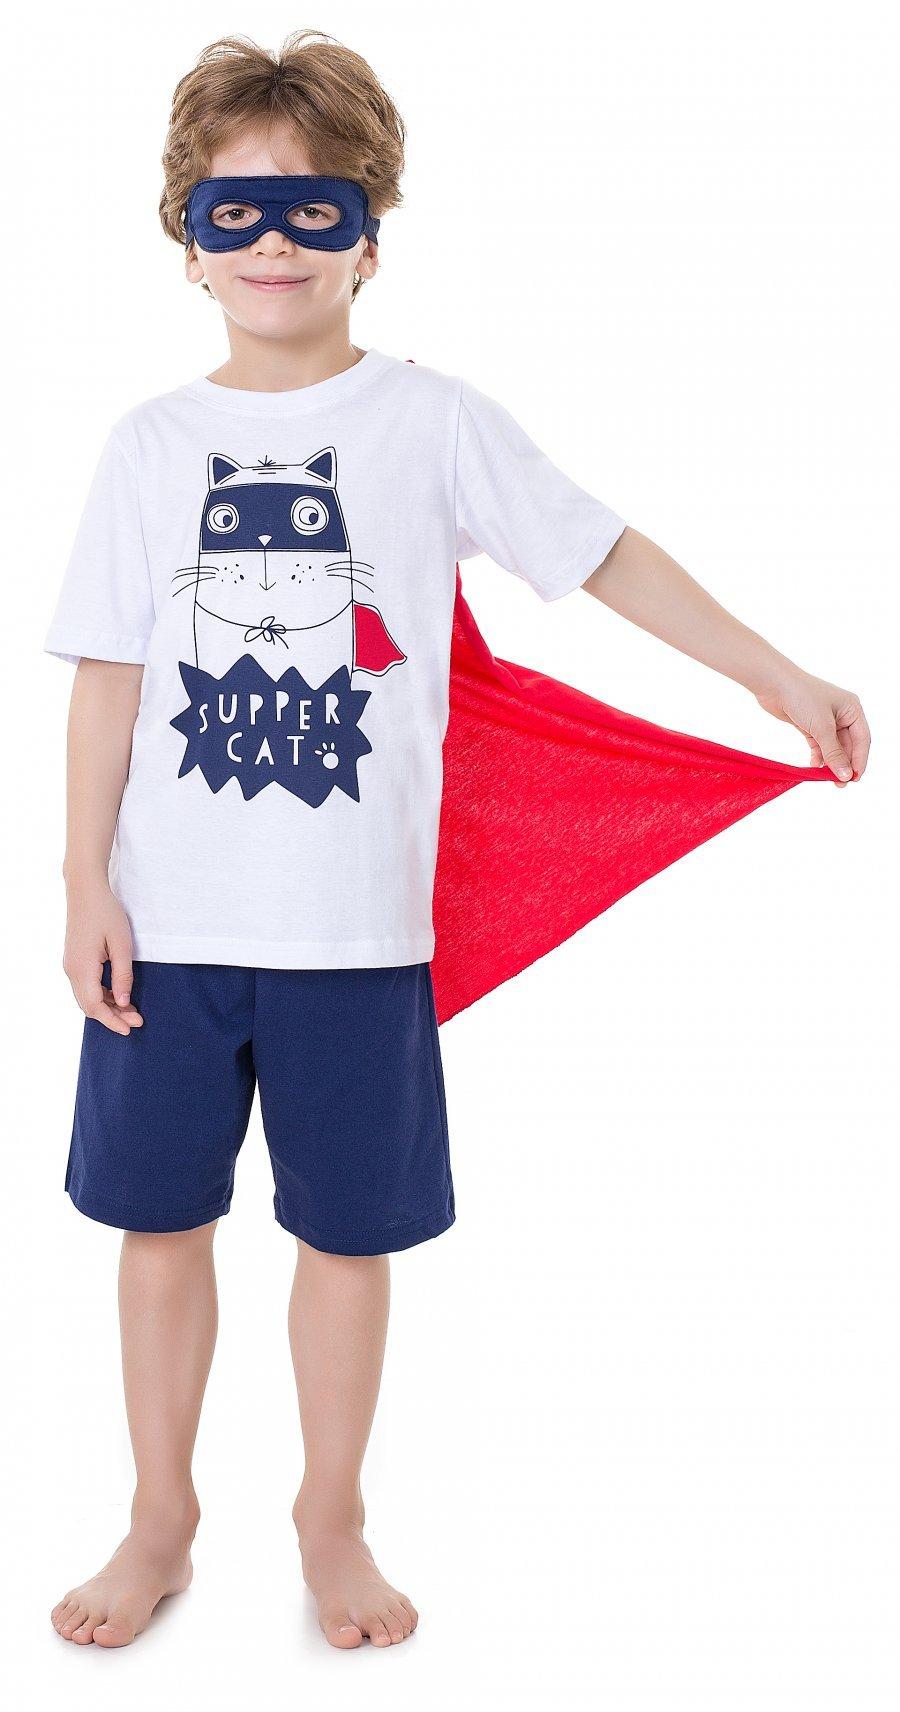 Pijama Infantil Super Cat Verão 2017 (com Máscara de Brinde e Capa Removível)